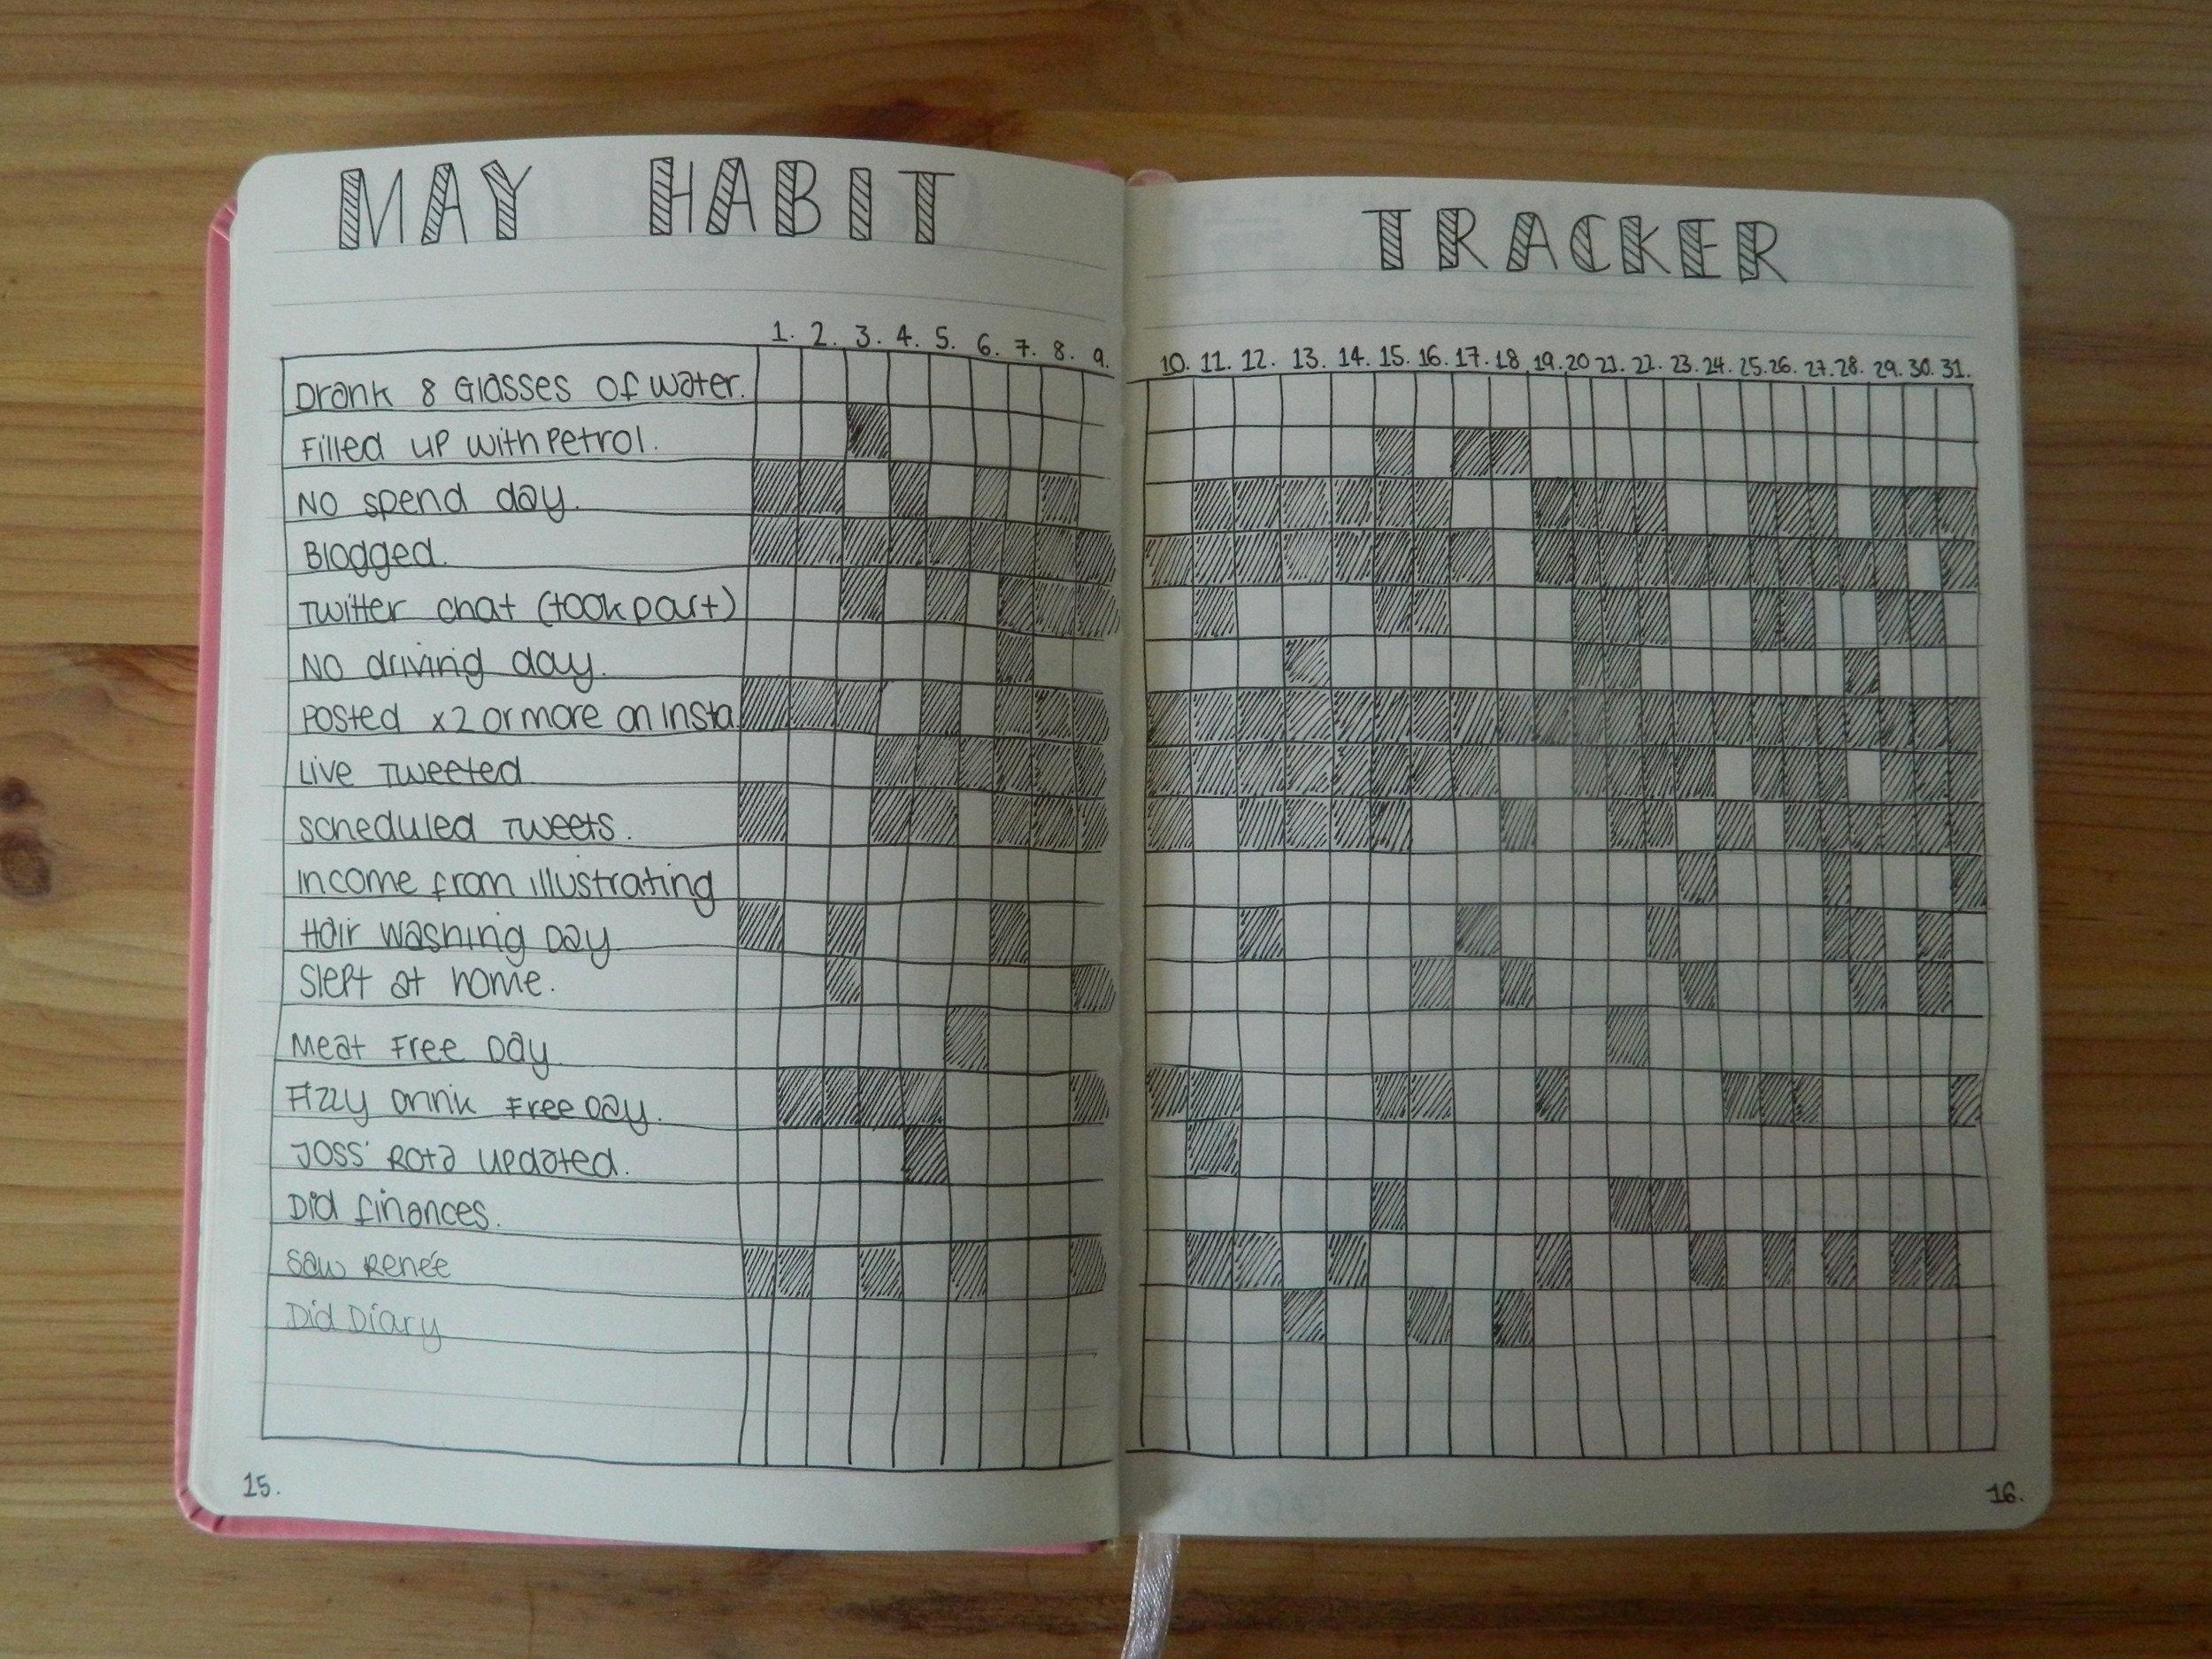 May habit tracker.